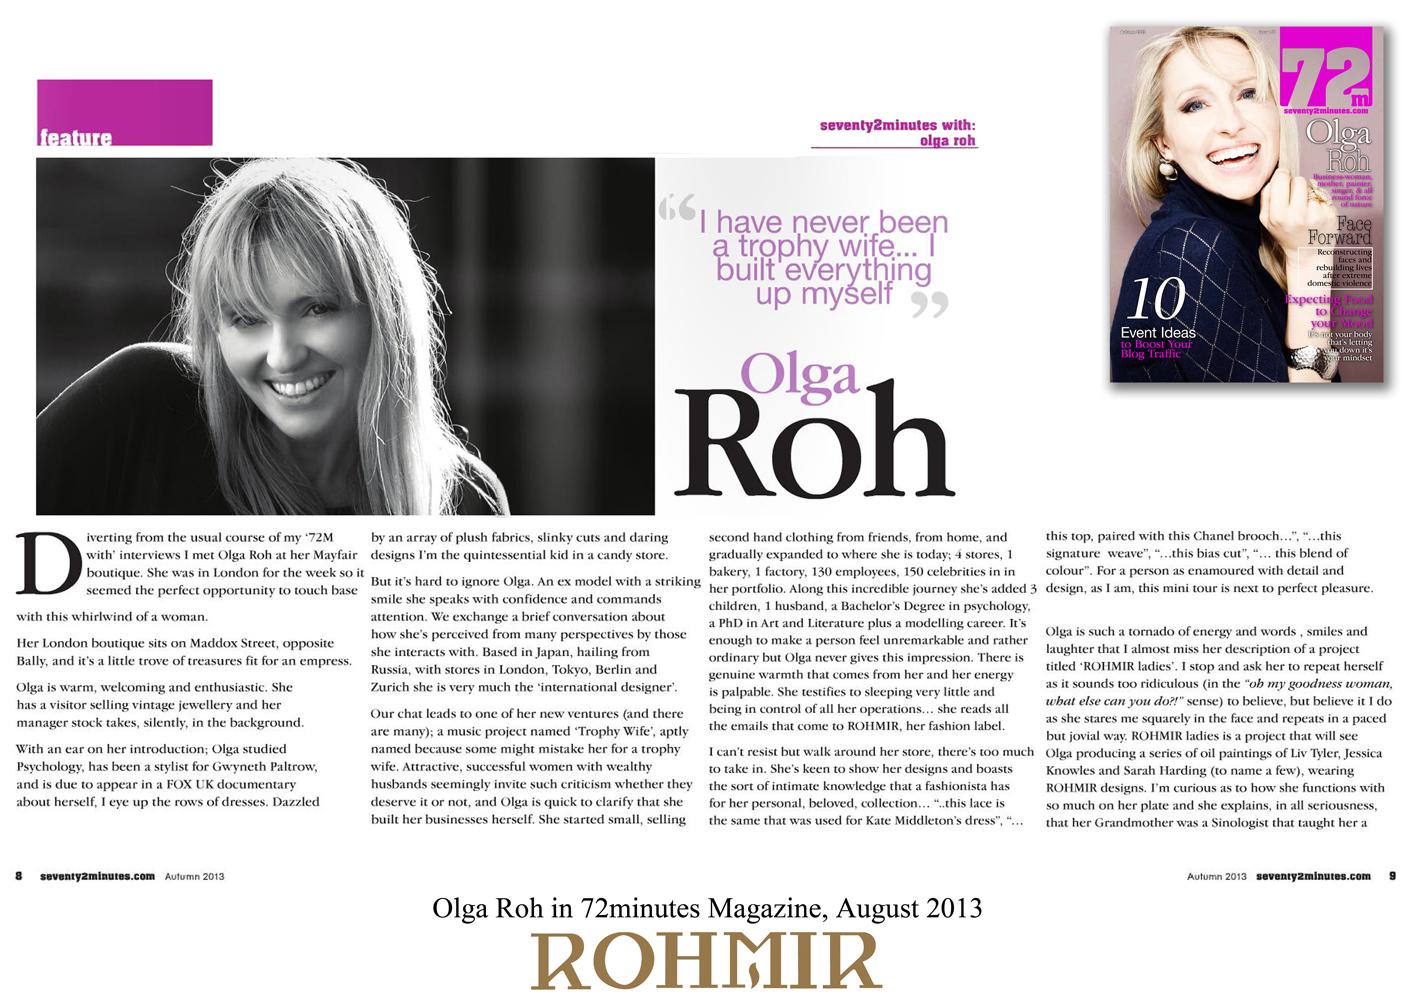 Olga Roh in 72minutes Magazine, August 2013